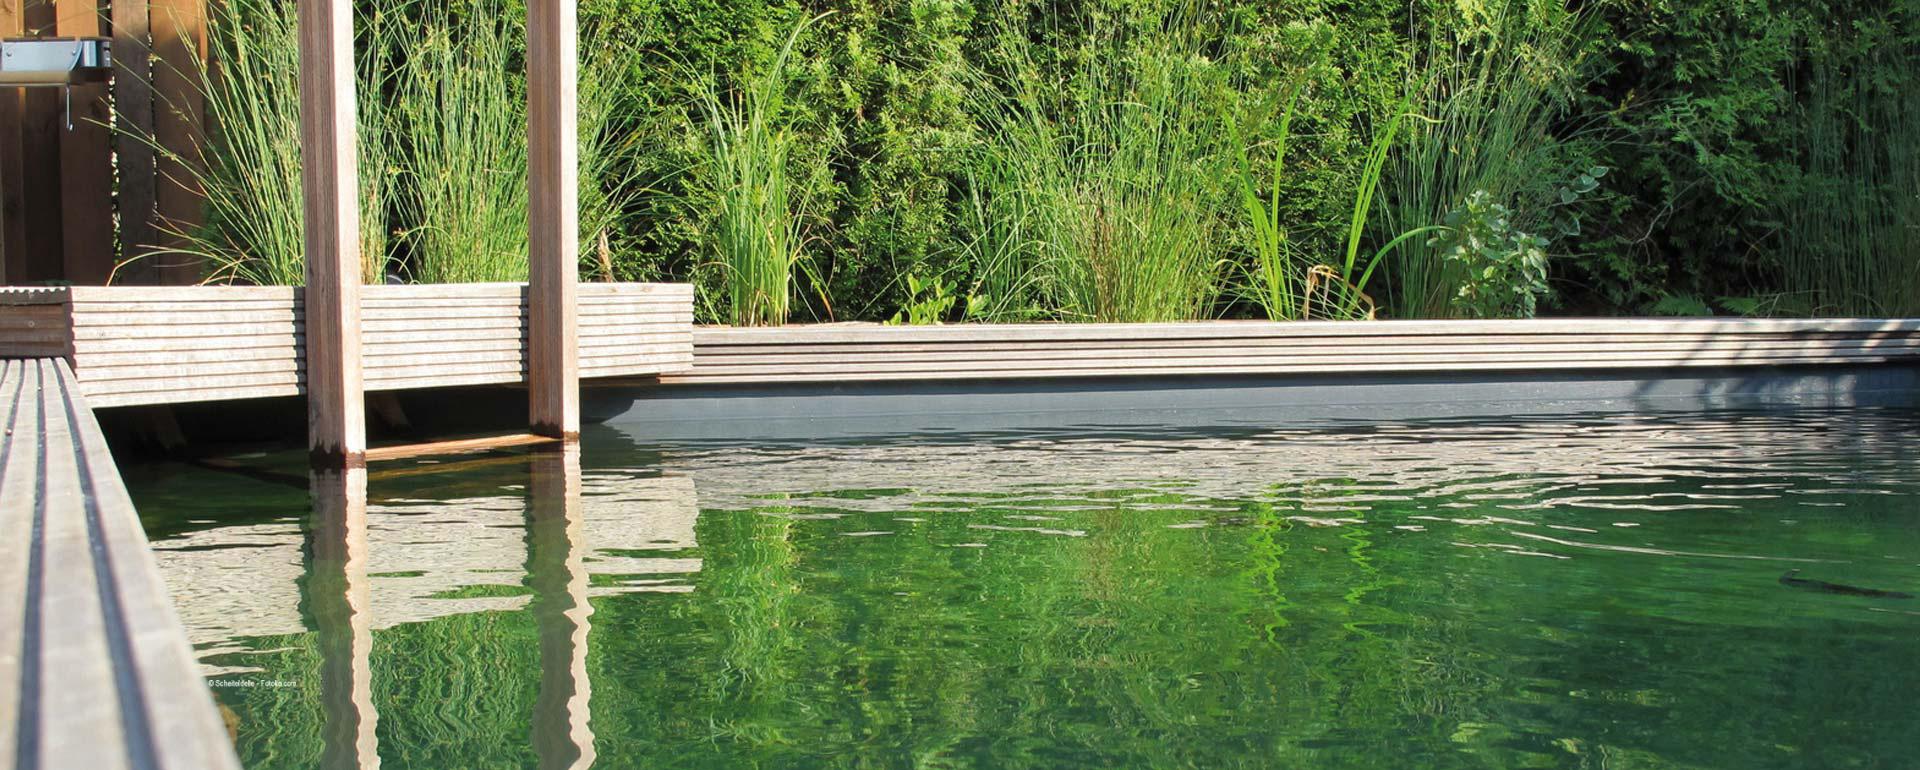 Von der Idee zum eigenen Teich